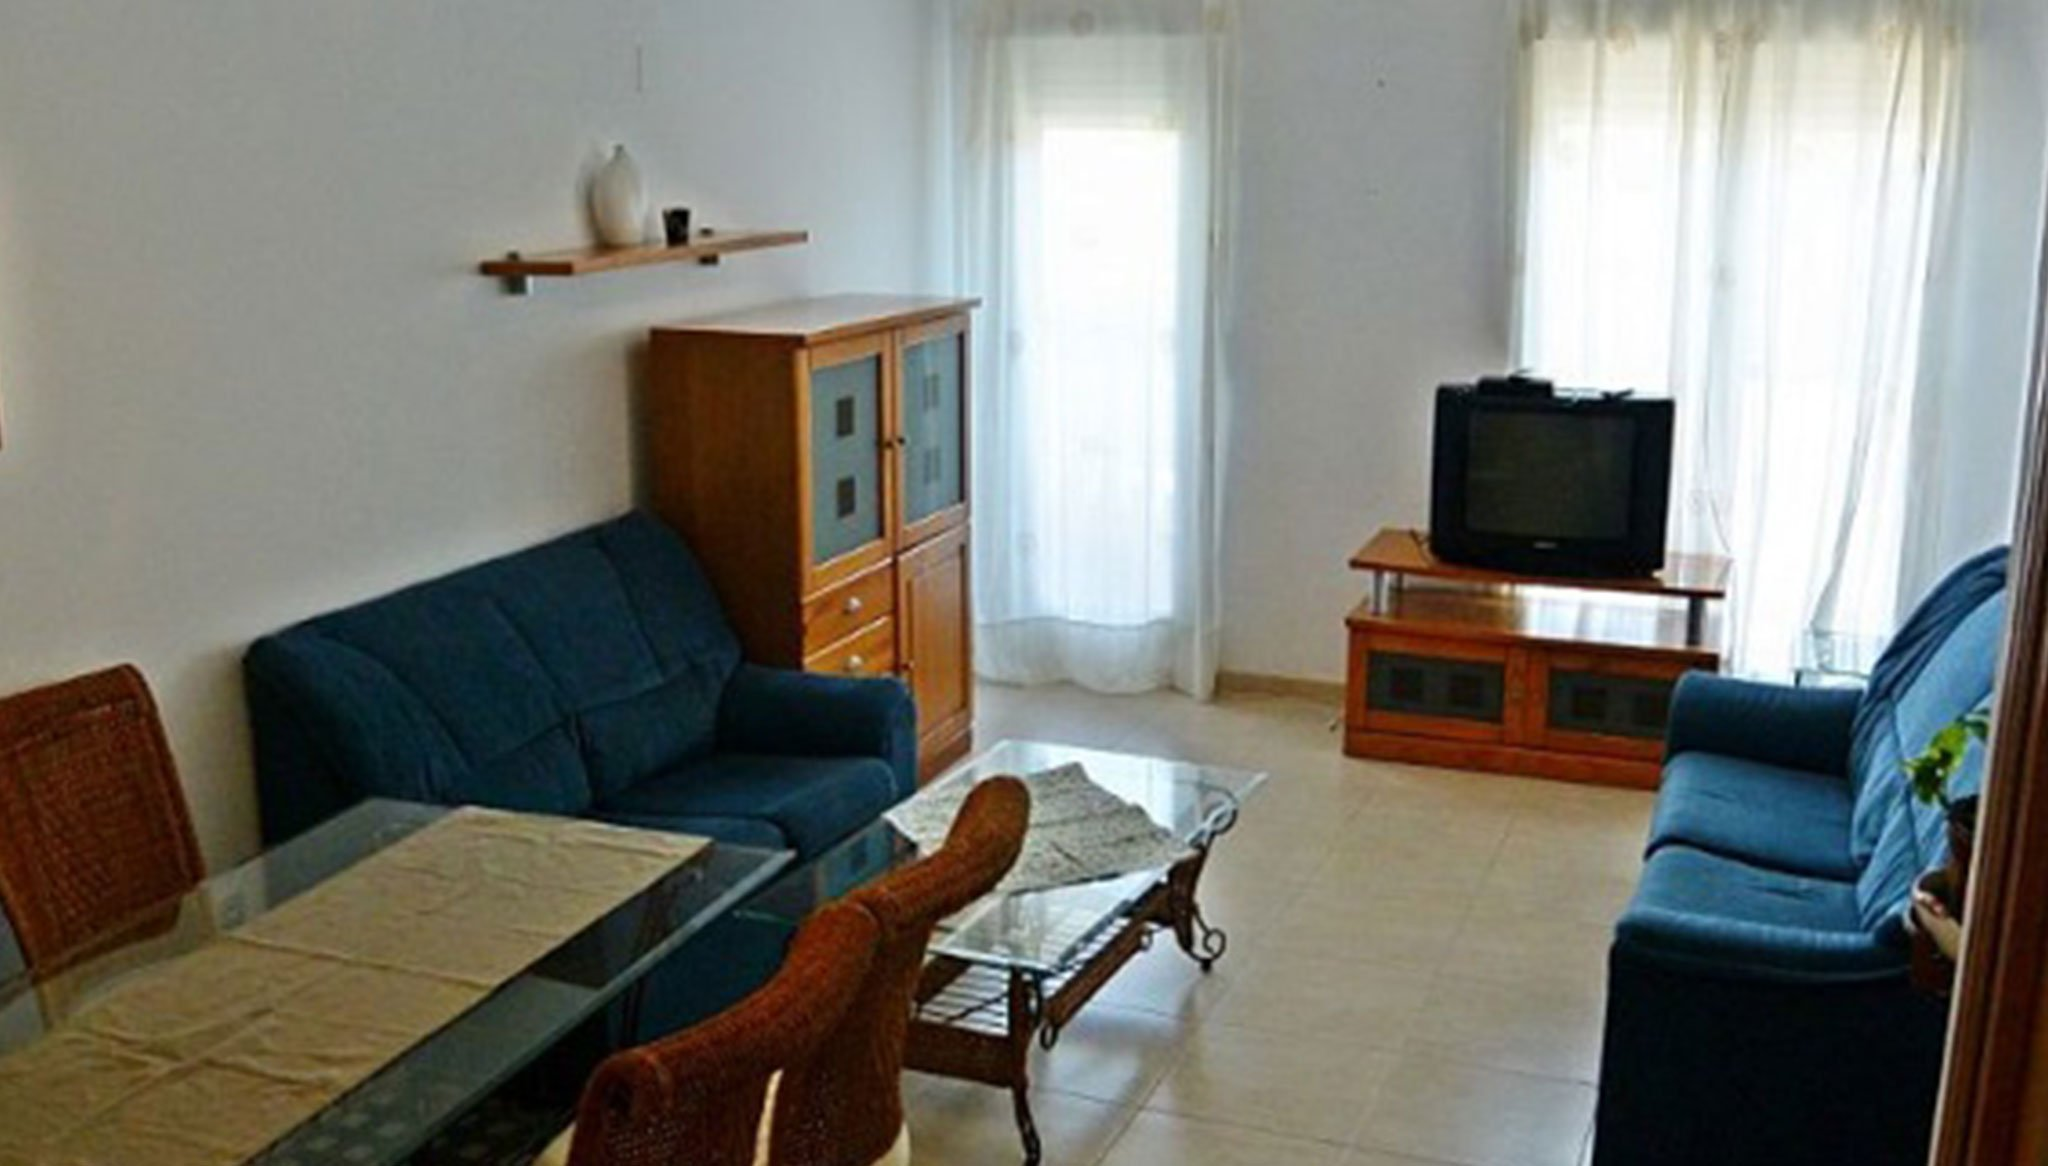 Меблированная гостиная в квартире на продажу в Дения - Еврохолдинг